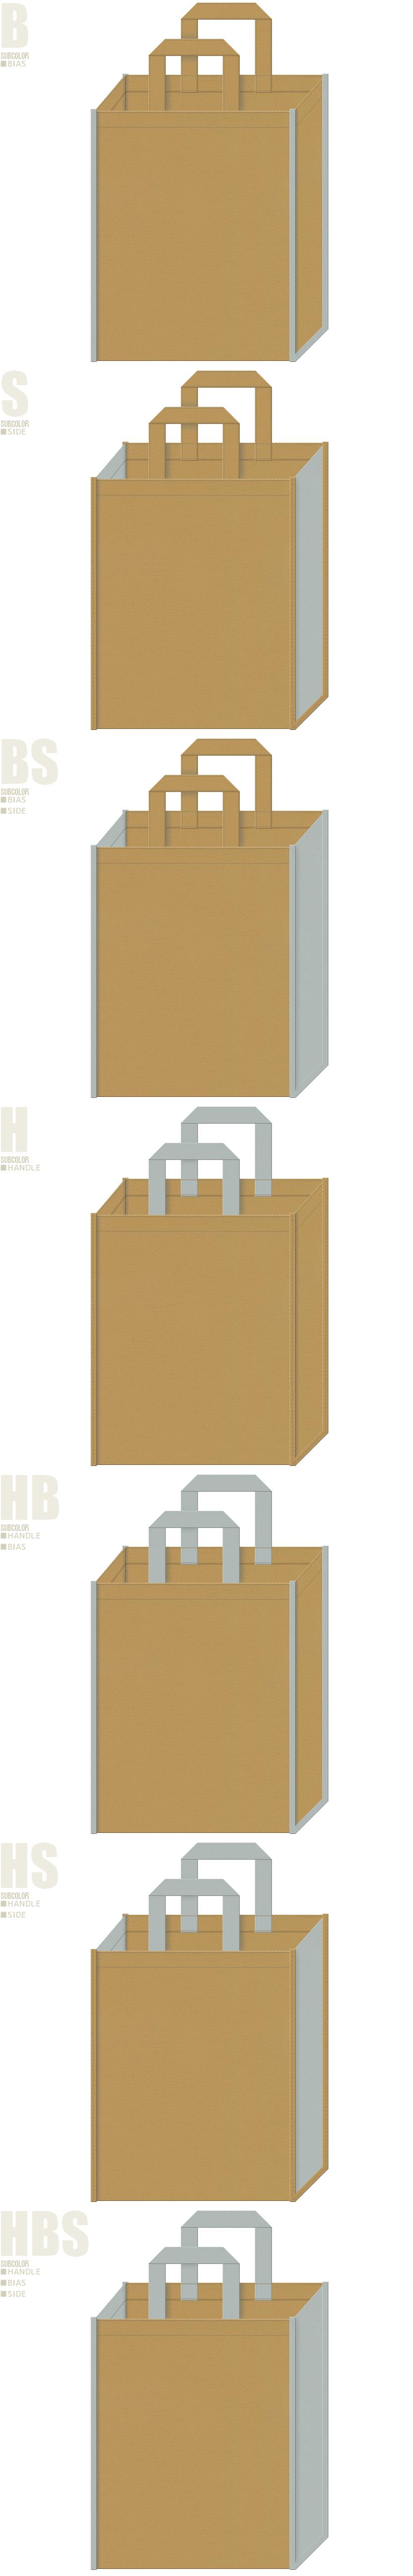 アウター・ニット・セーター・秋冬ファッションの展示会用バッグにお奨めの不織布バッグデザイン:マスタード色とグレー色の配色7パターン